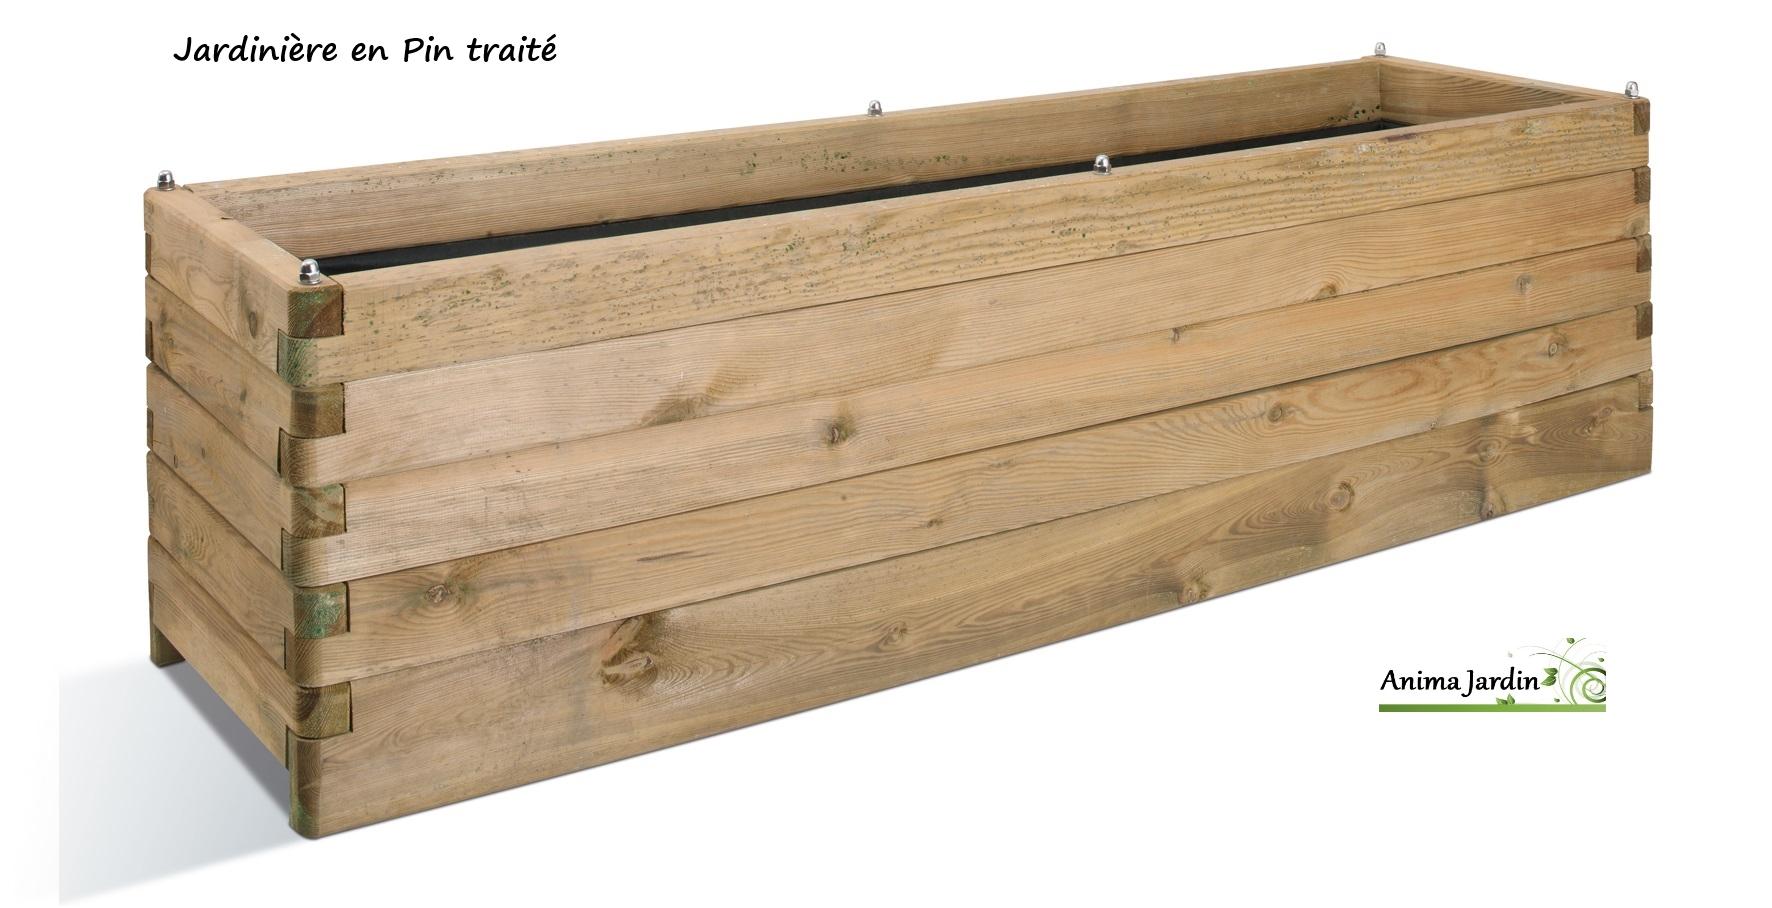 Grande-jardinière-bois-traité-180cm-anima-jardin.fr